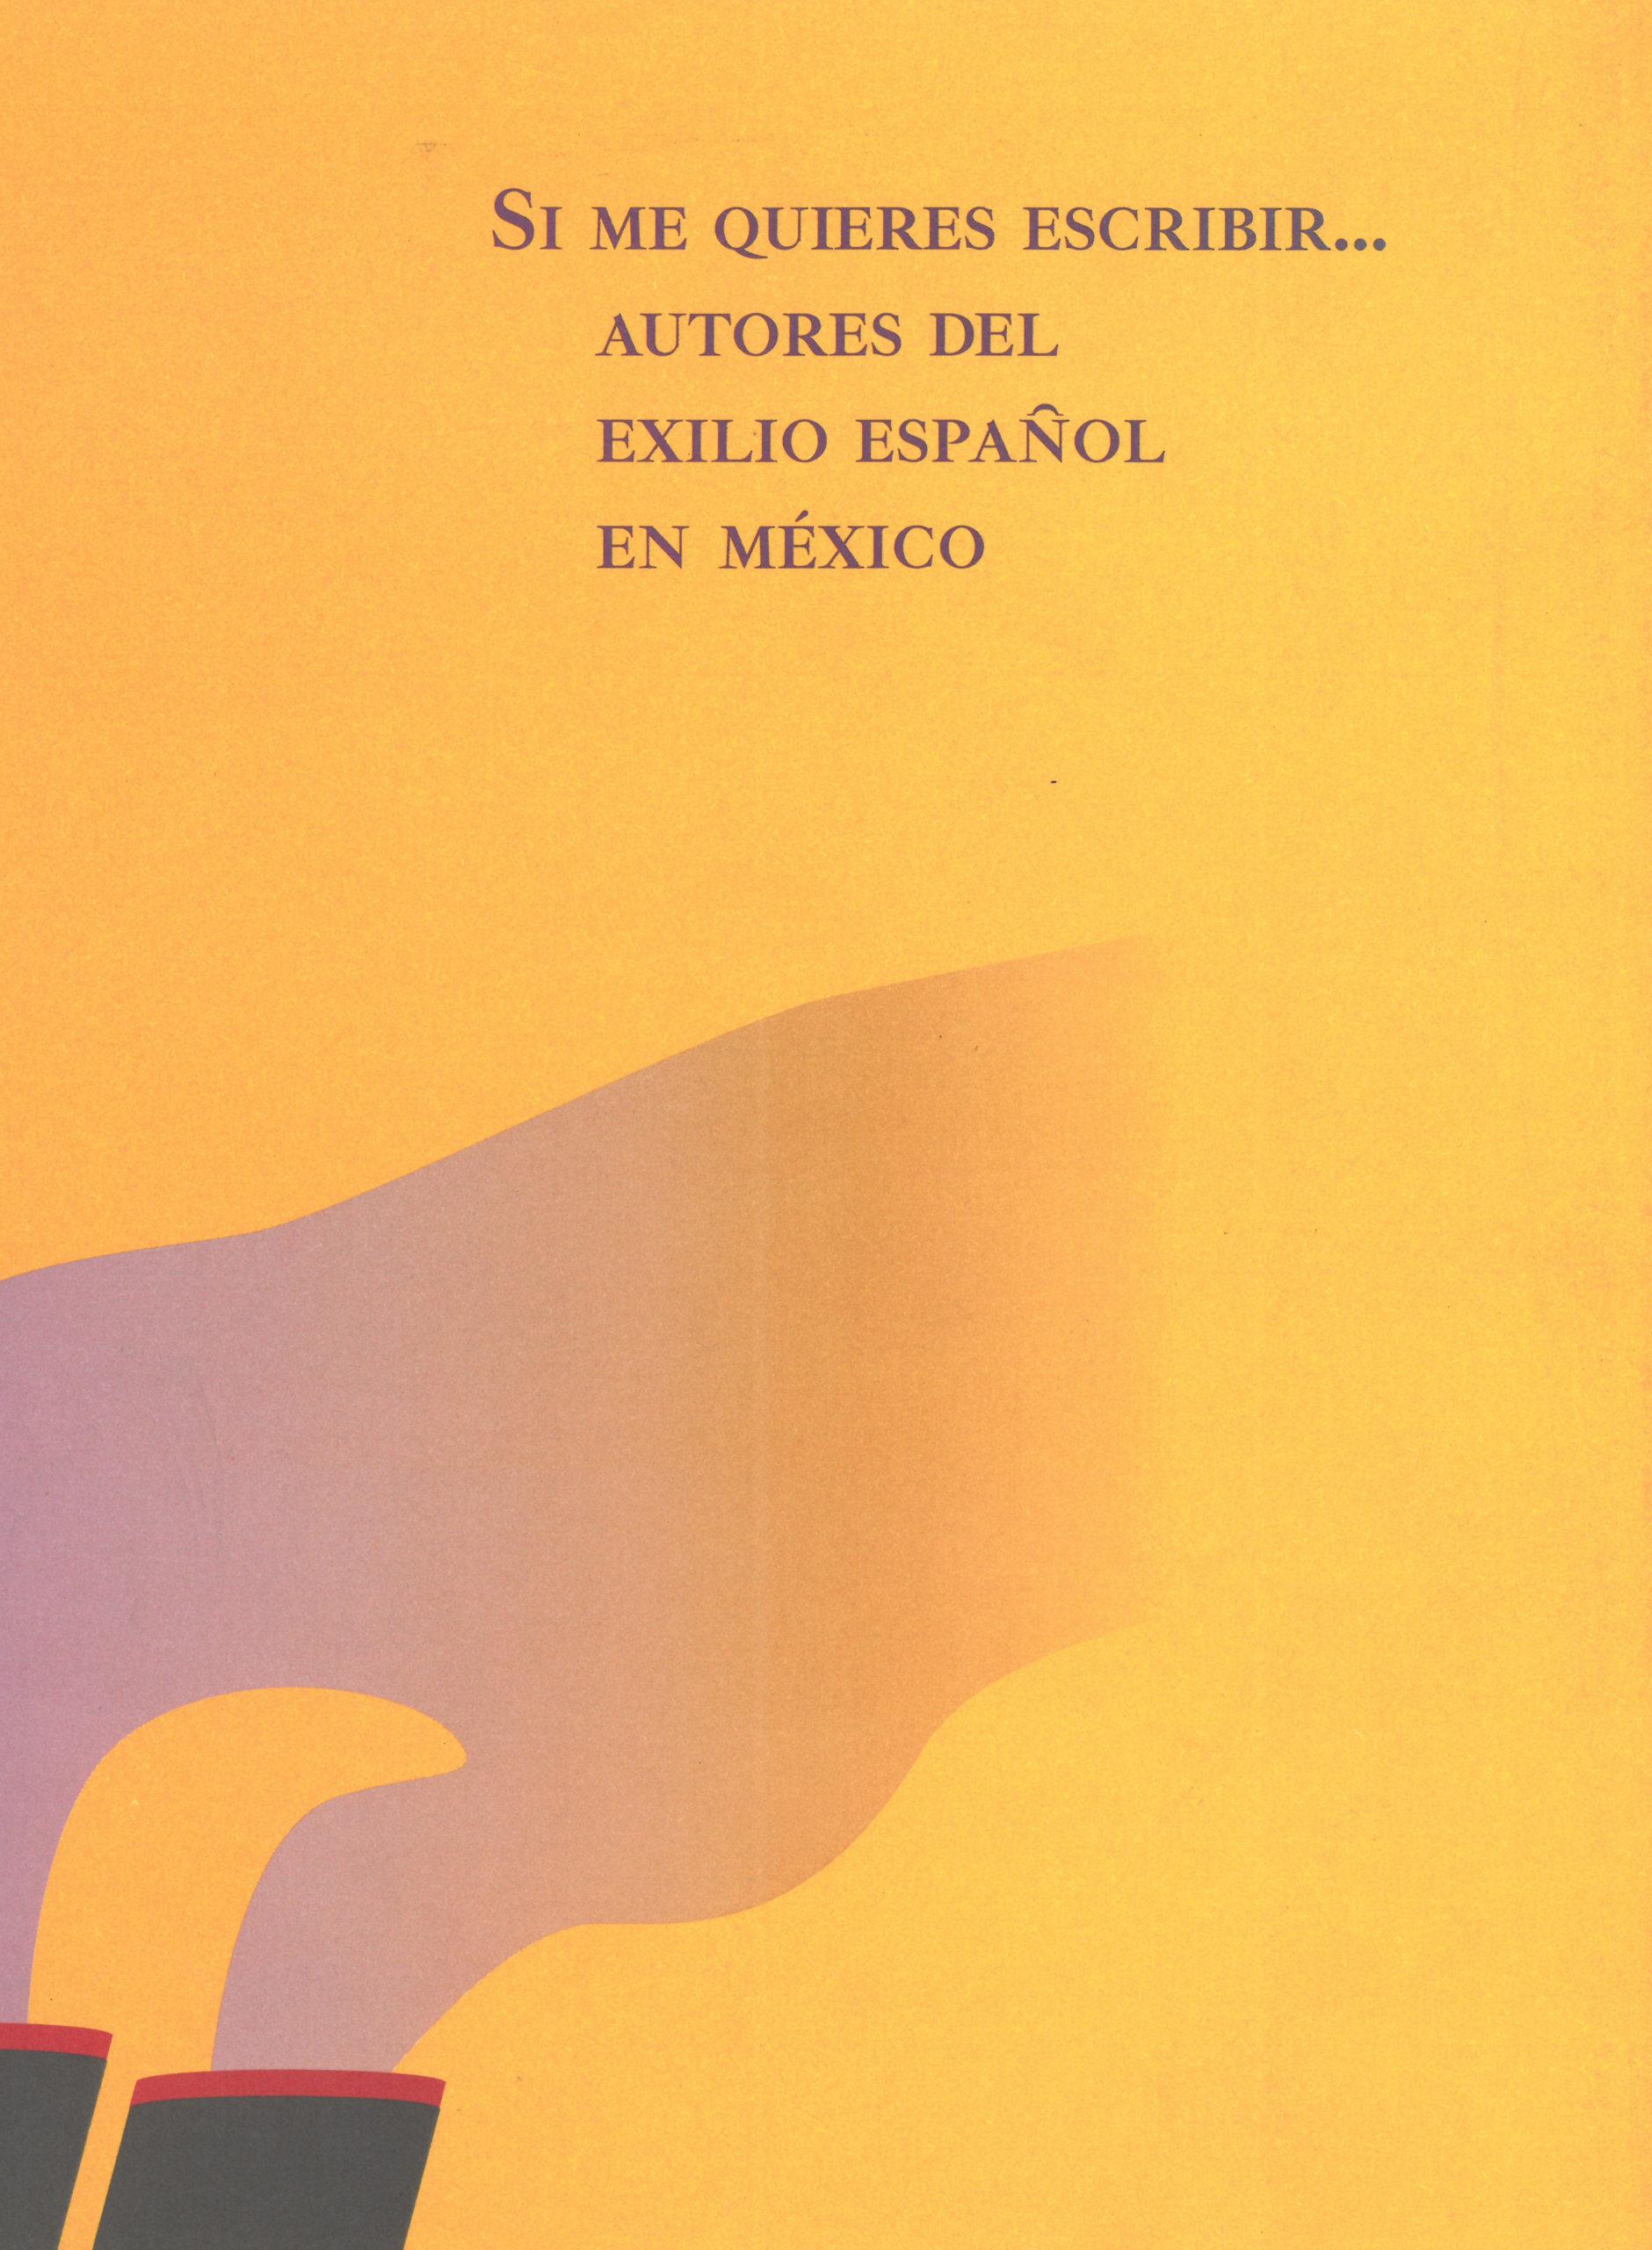 Si me quieres escribir... Autores del exilio español en México. Image